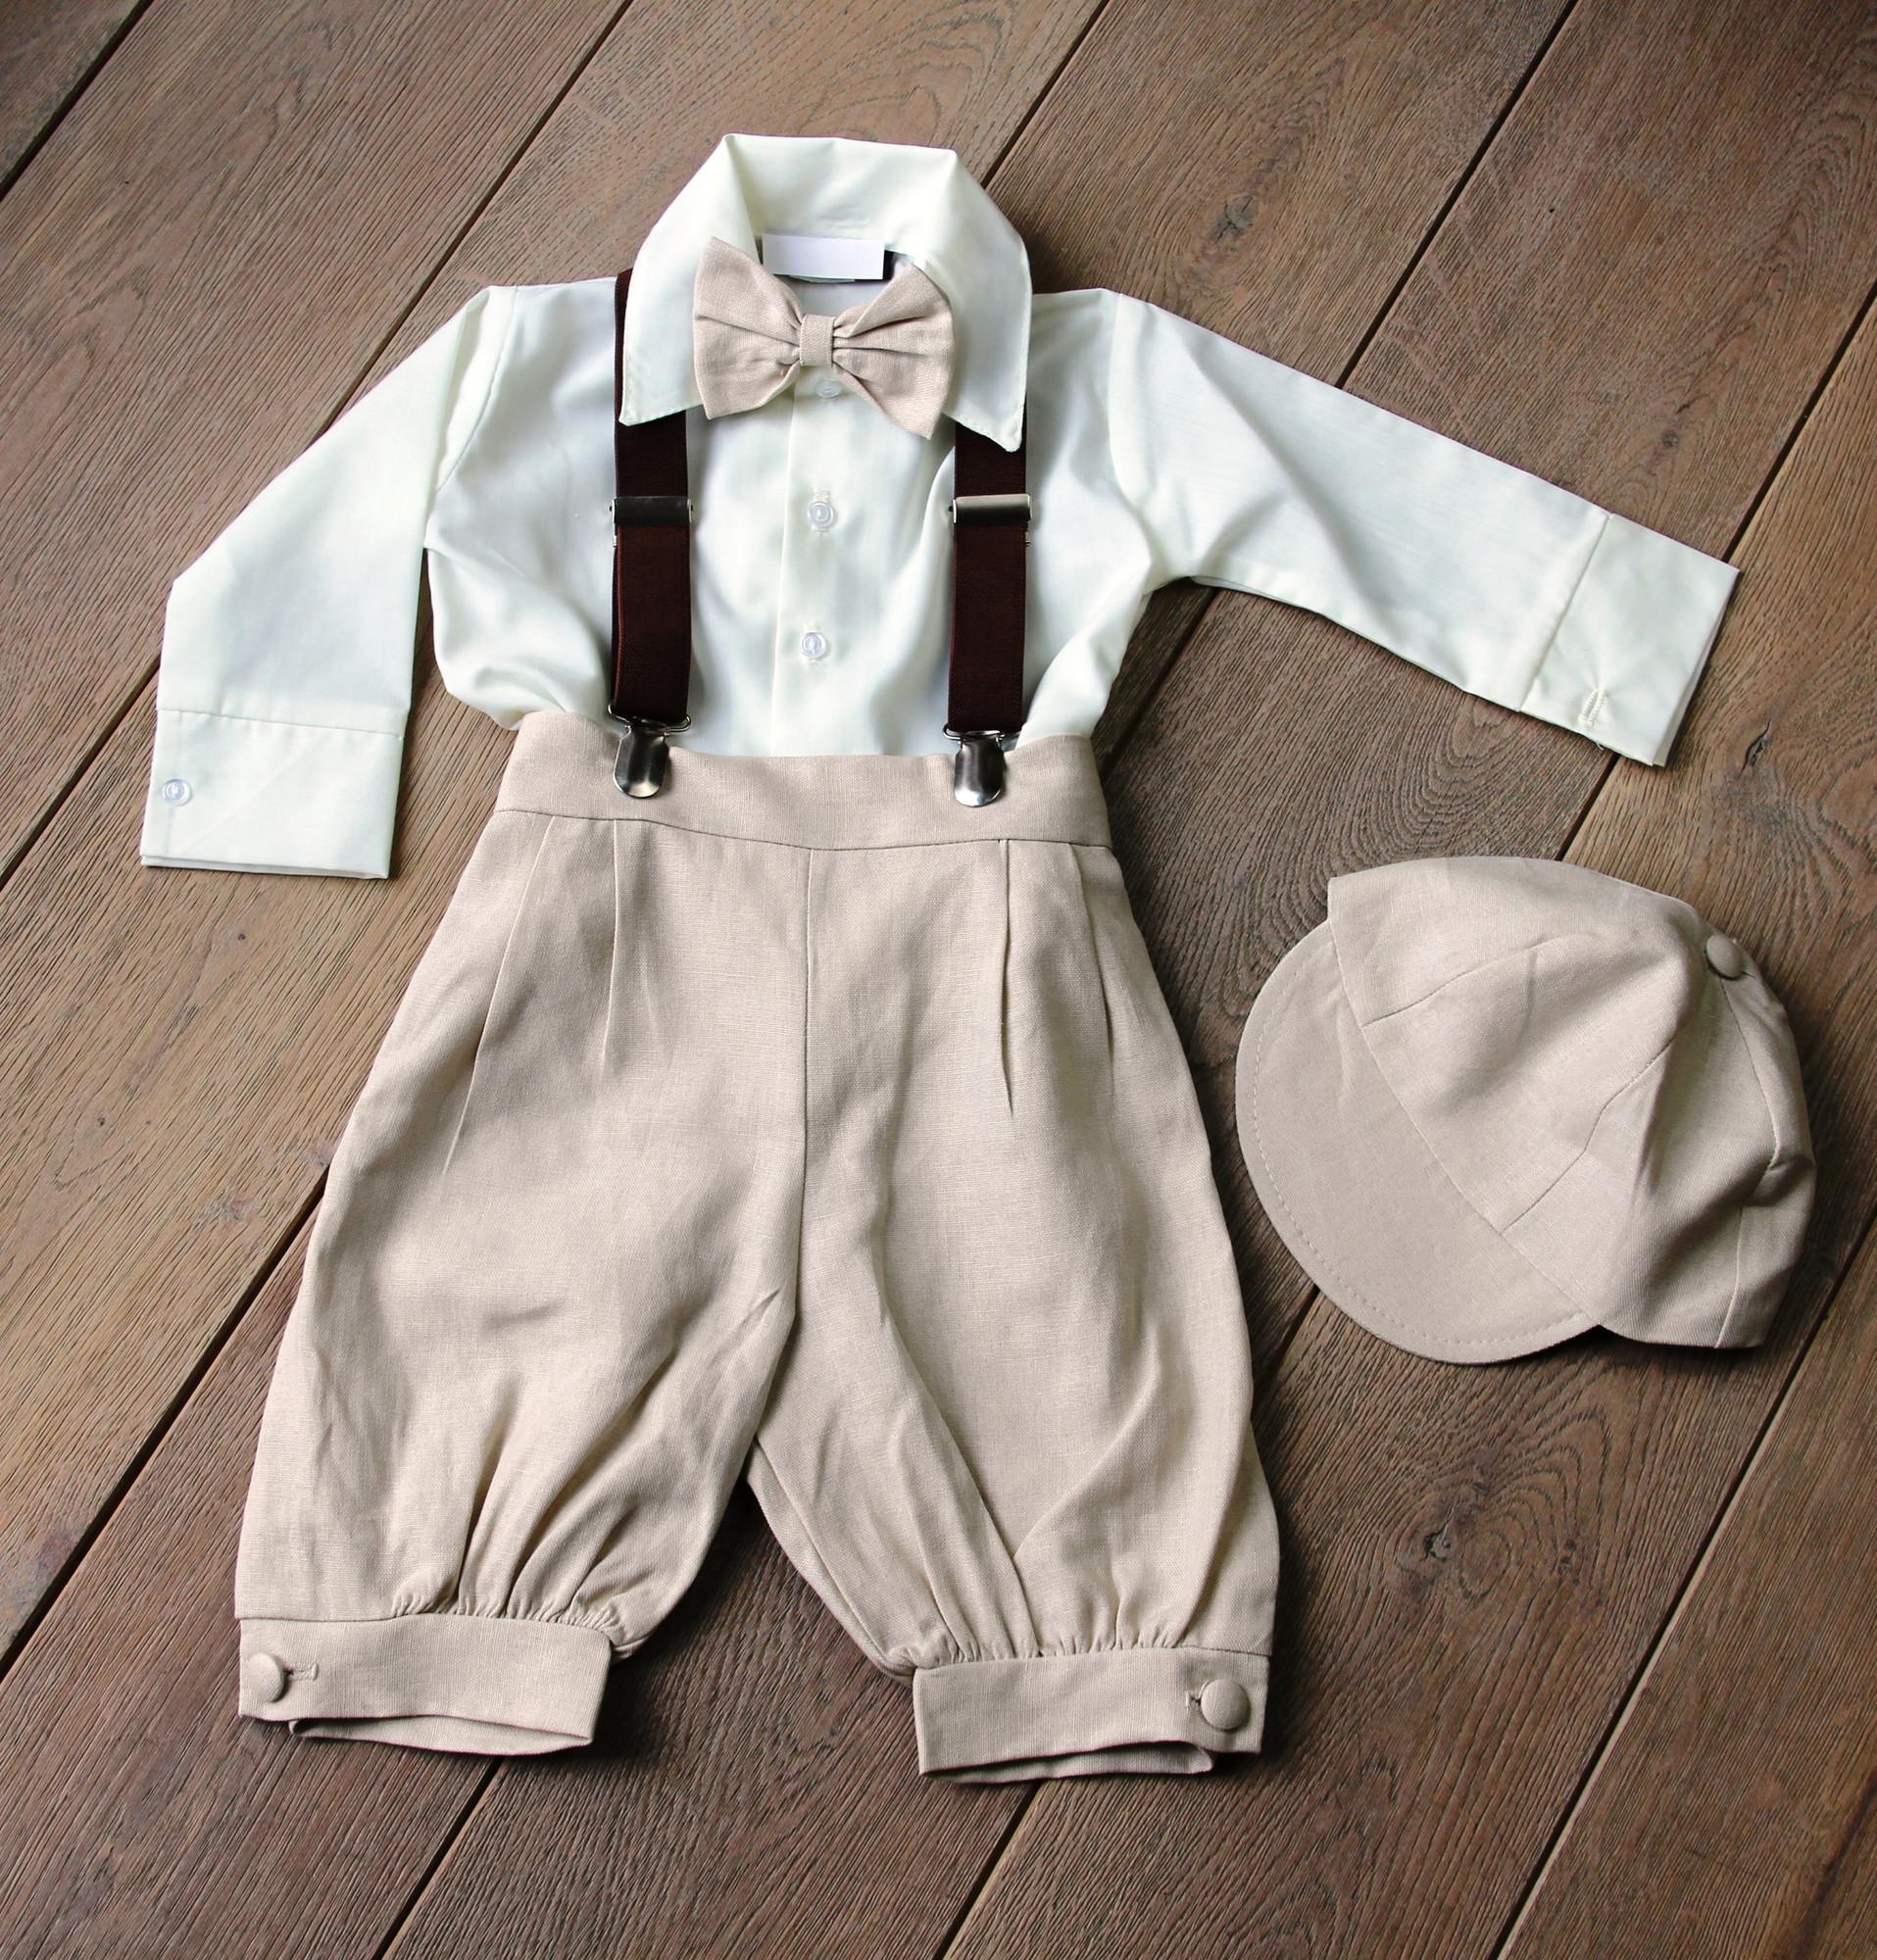 BIMARO Baby Jungen Babyanzug Joel Taufanzug creme beige sand Hemd creme Fliege Cap Hosenträger Anzug Taufe Hochzeit